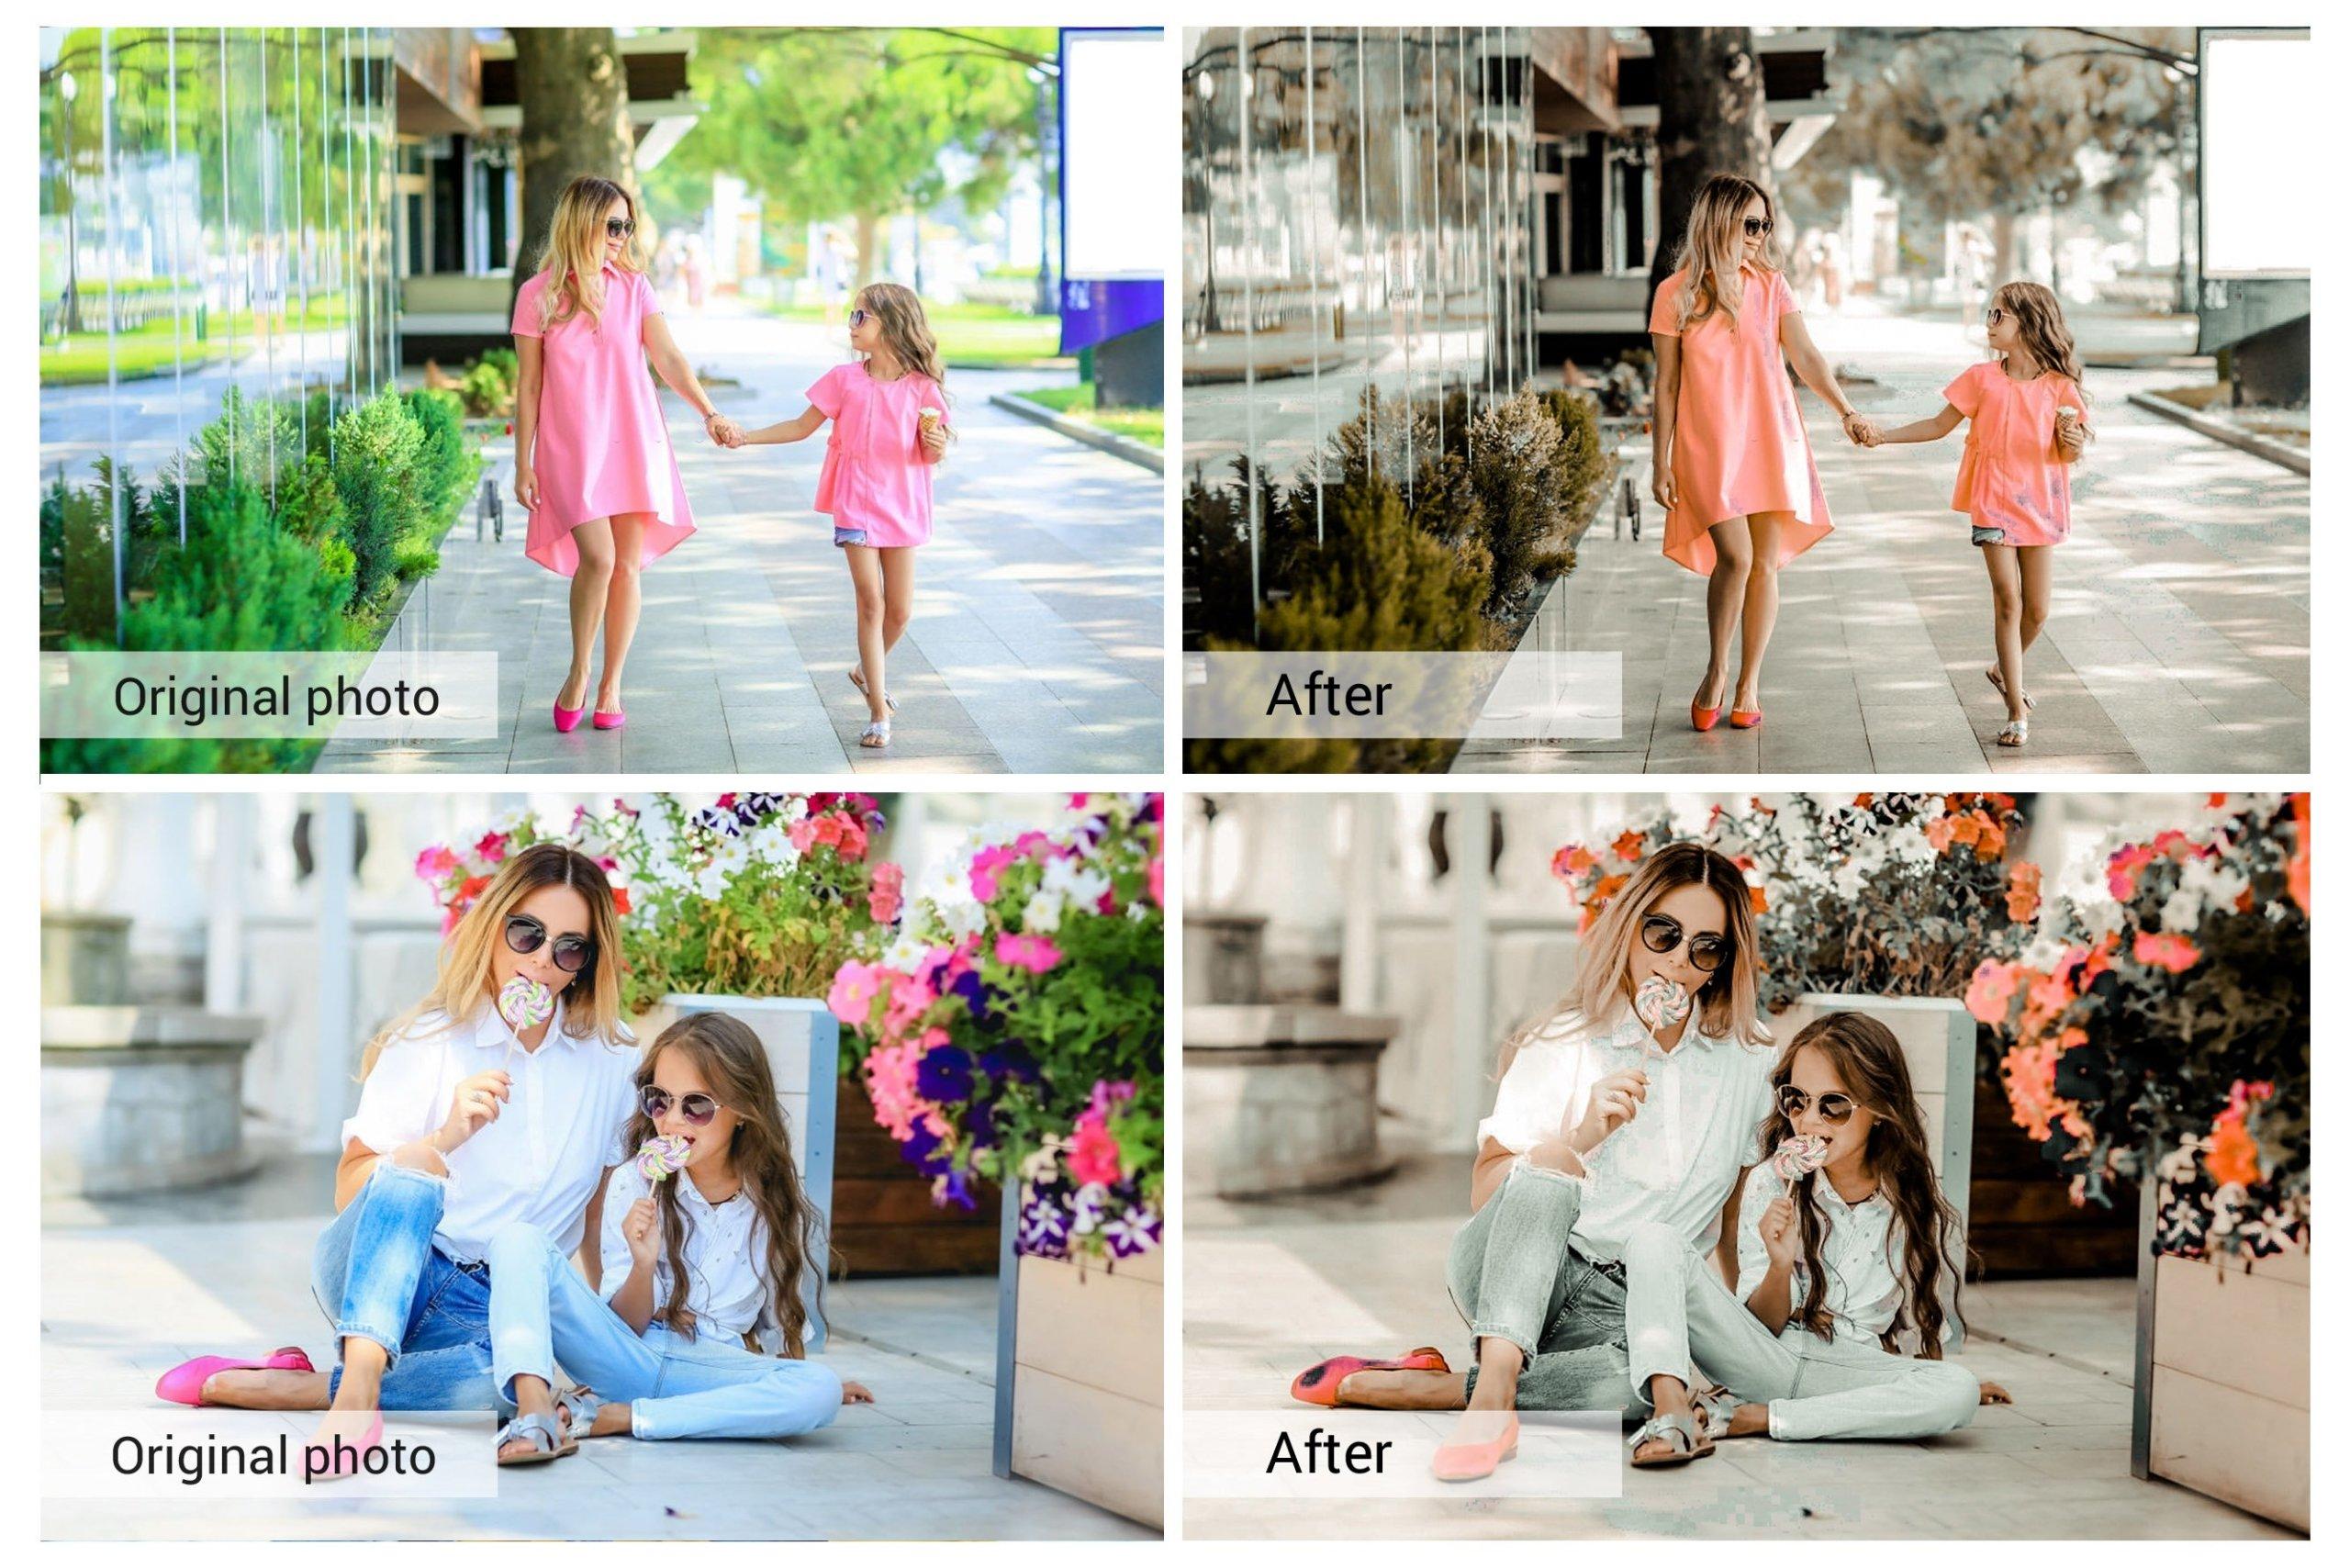 奶油咖啡色照片调色滤镜LR预设&PS动作套装 Coffe Milk Presets Photoshop Actions插图4